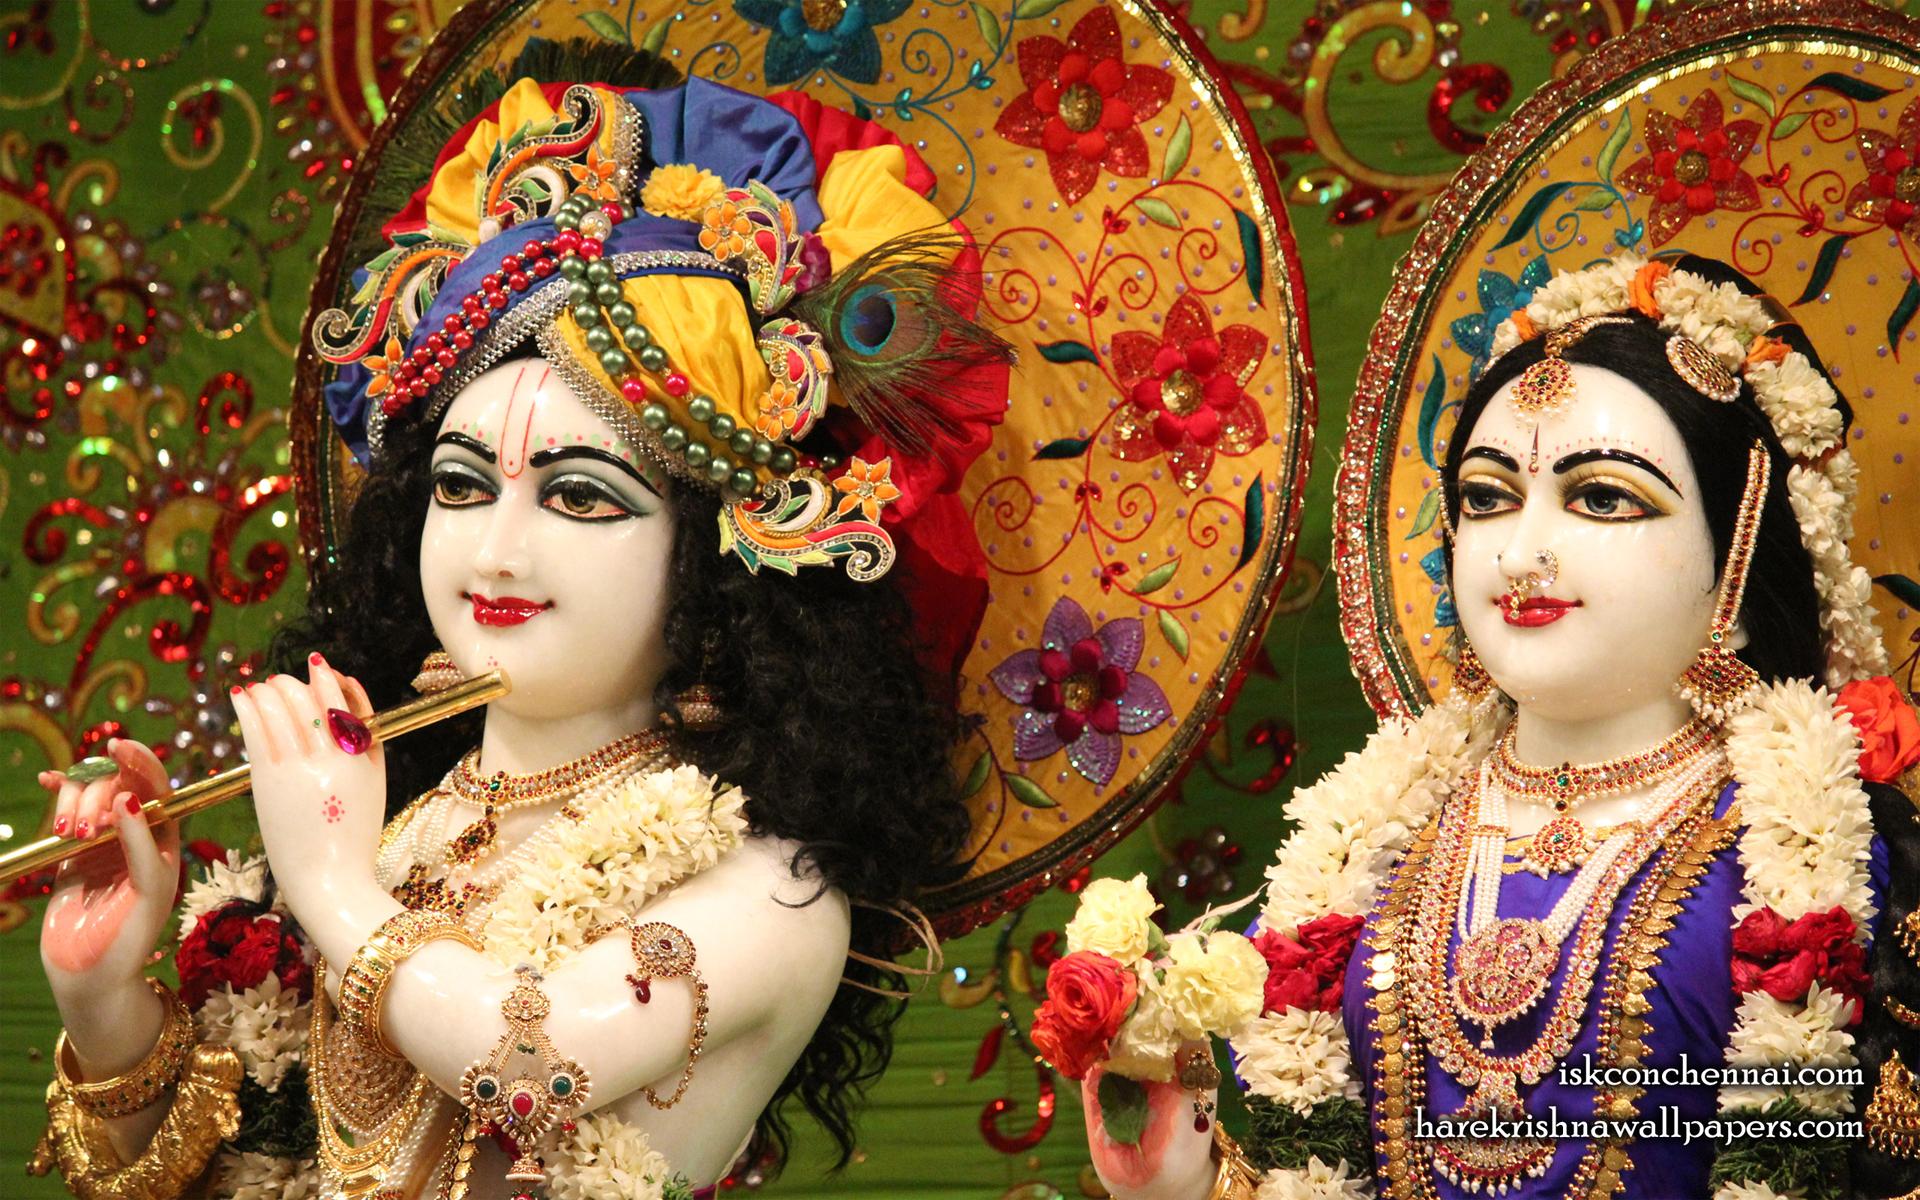 Sri Sri Radha Krishna Close up Wallpaper (011) Size 1920x1200 Download